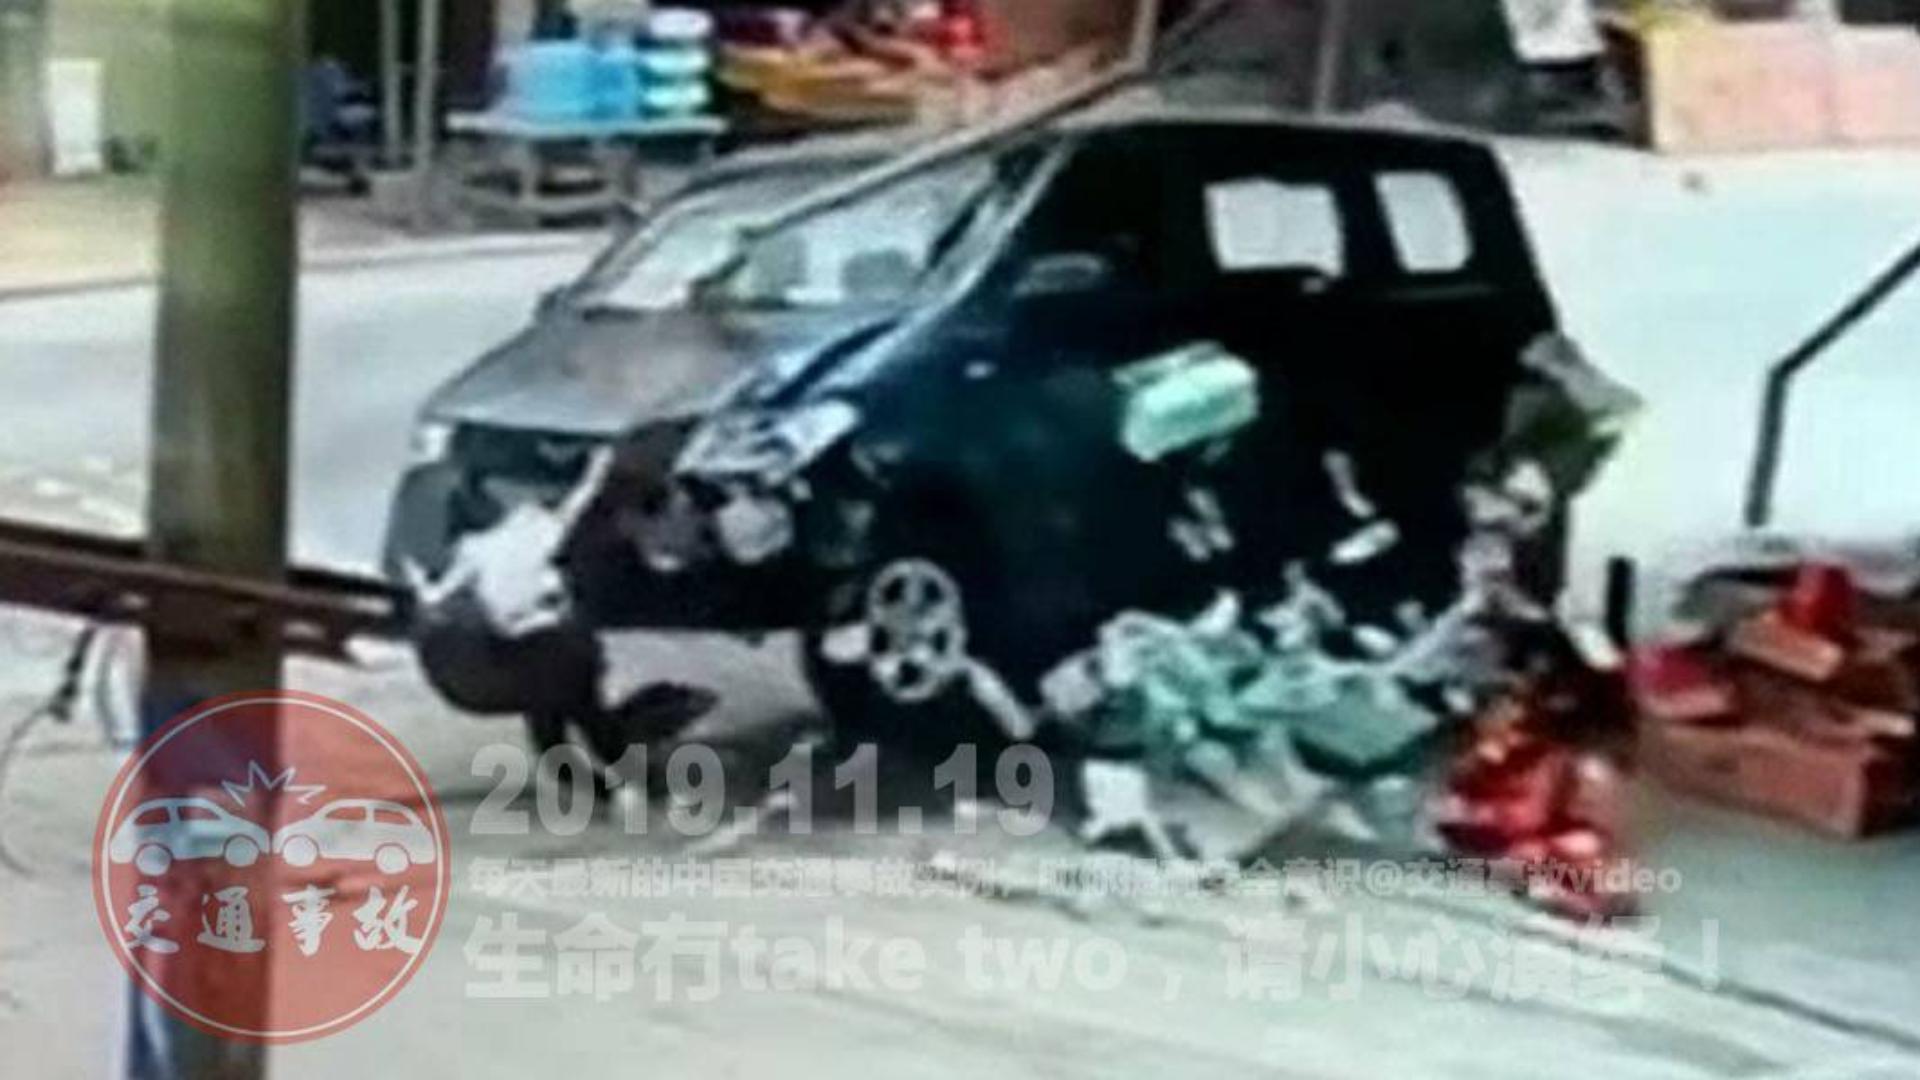 中国交通事故20191119:每天最新的车祸实例,助你提高安全意识